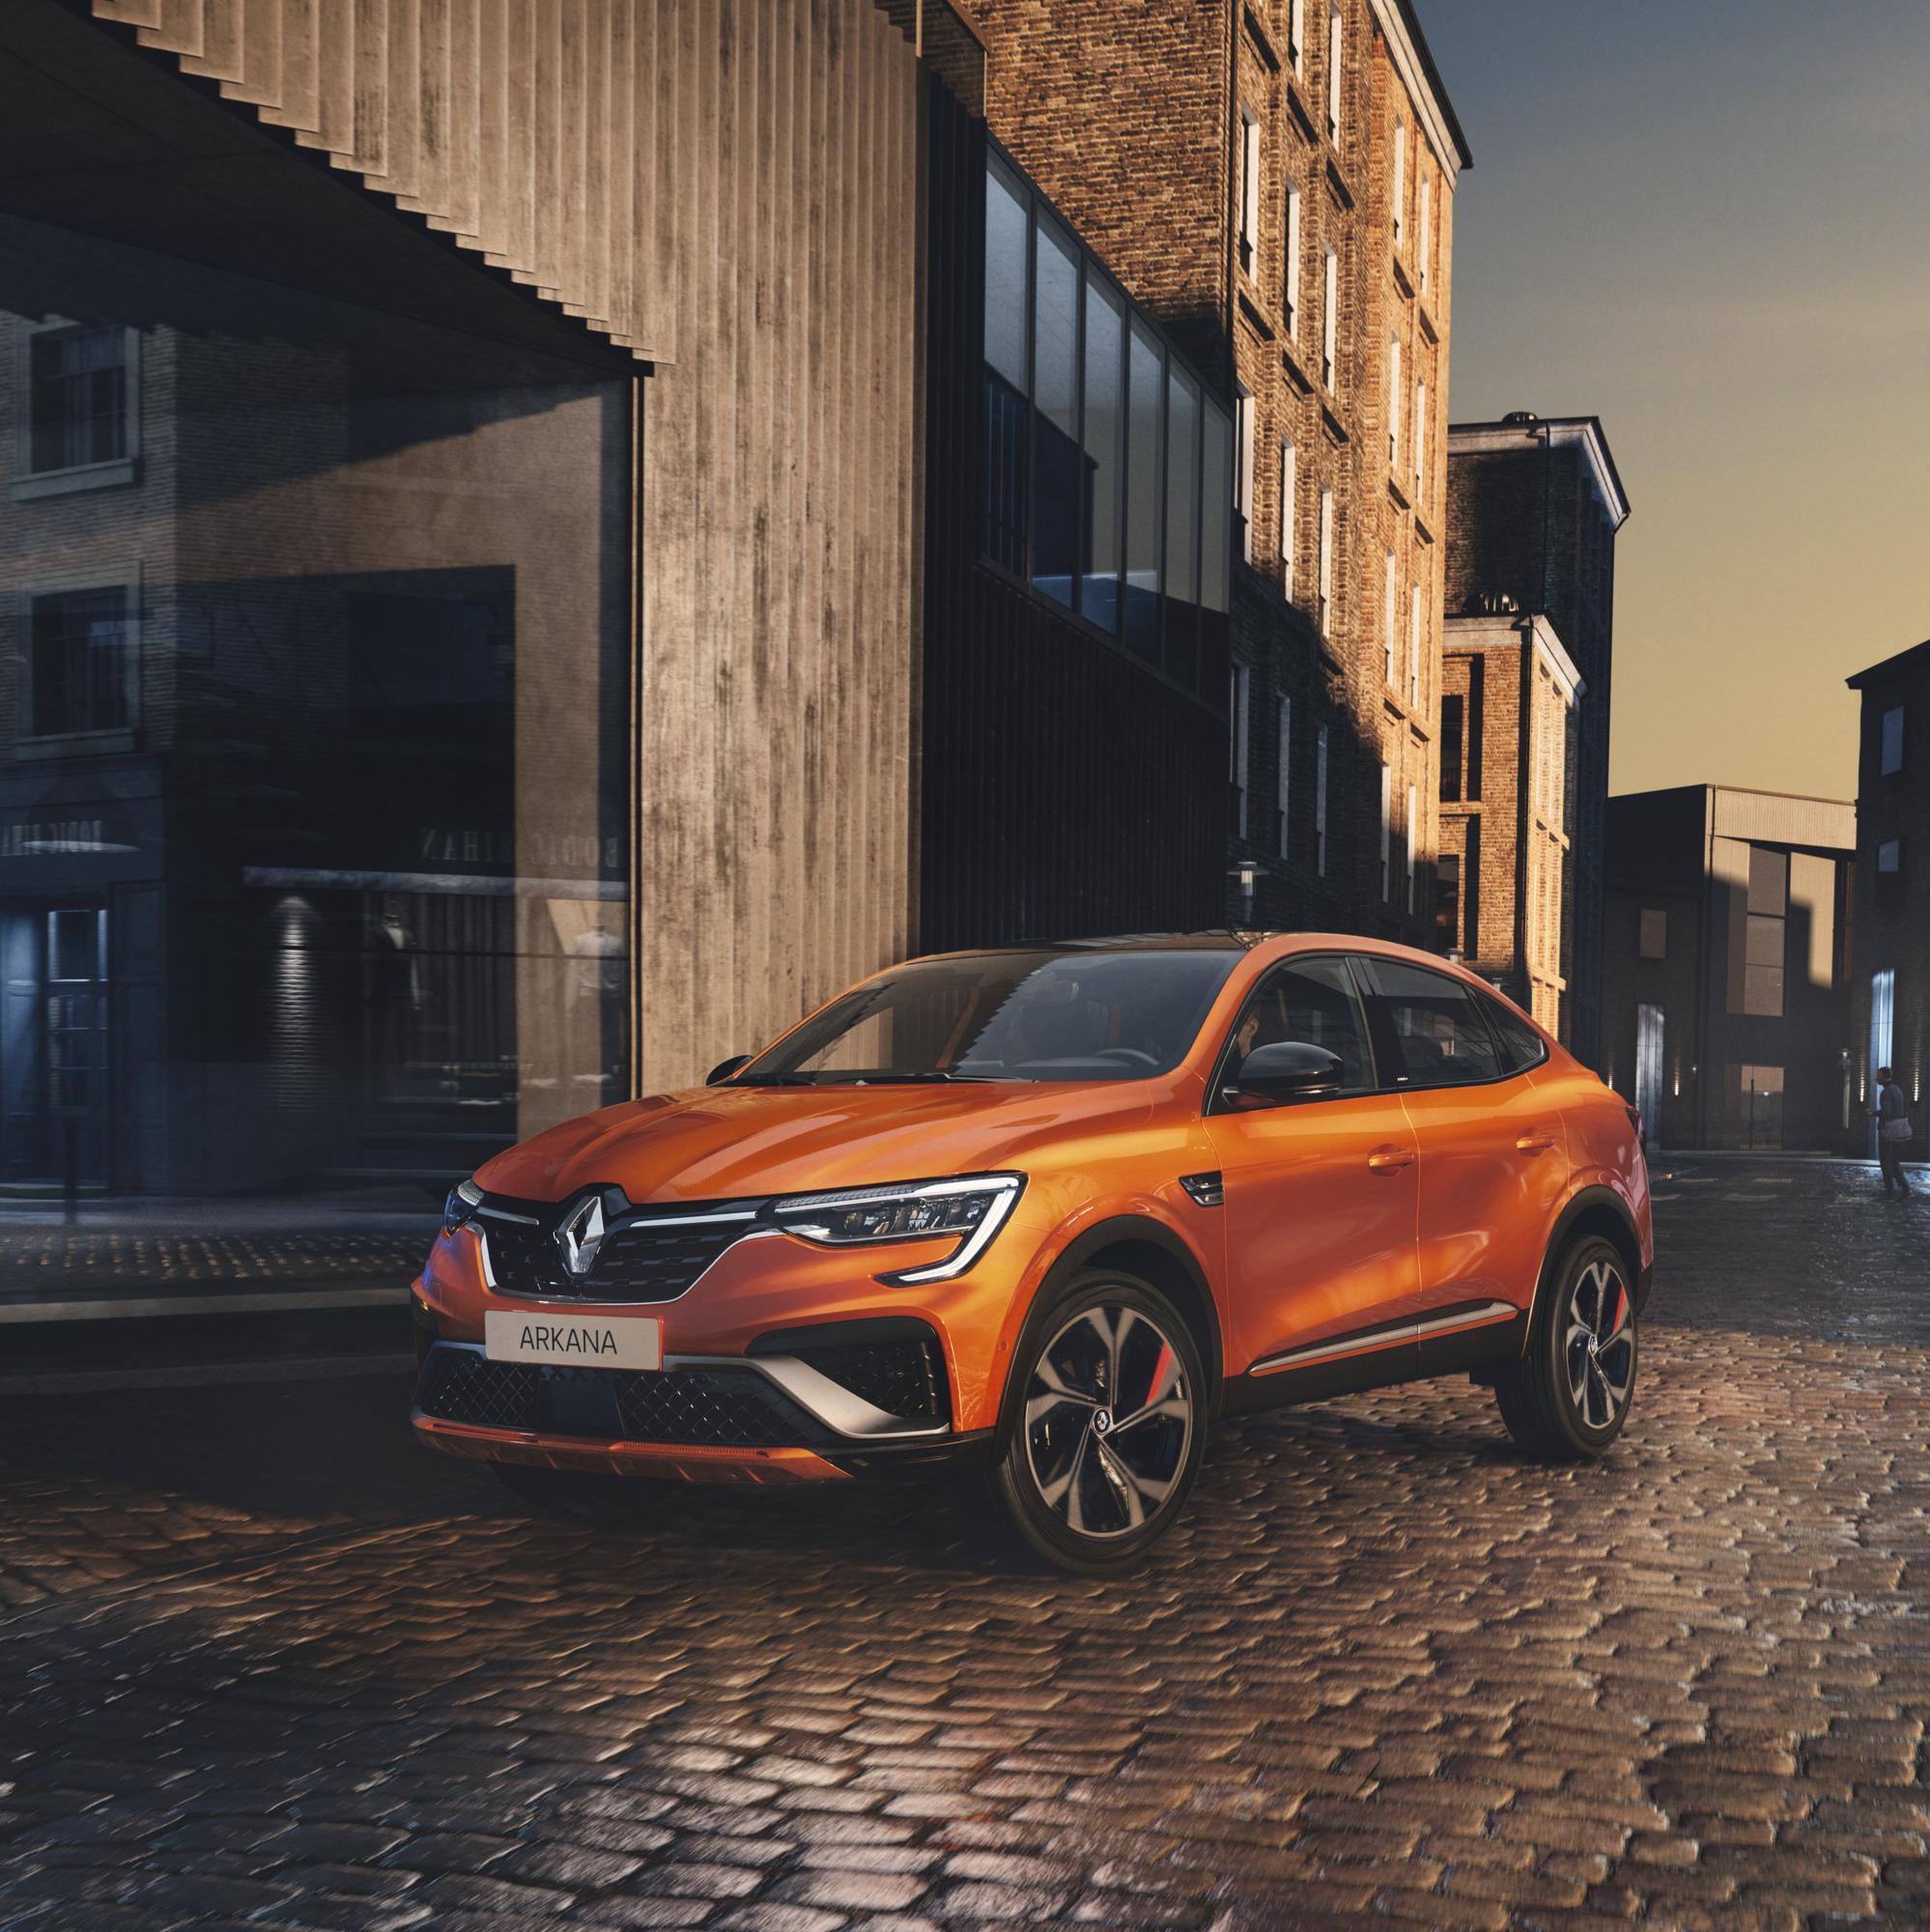 Noul Renault Arkana, unul dintre cele mai frumoase SUV-uri coupe, ajunge și în Europa